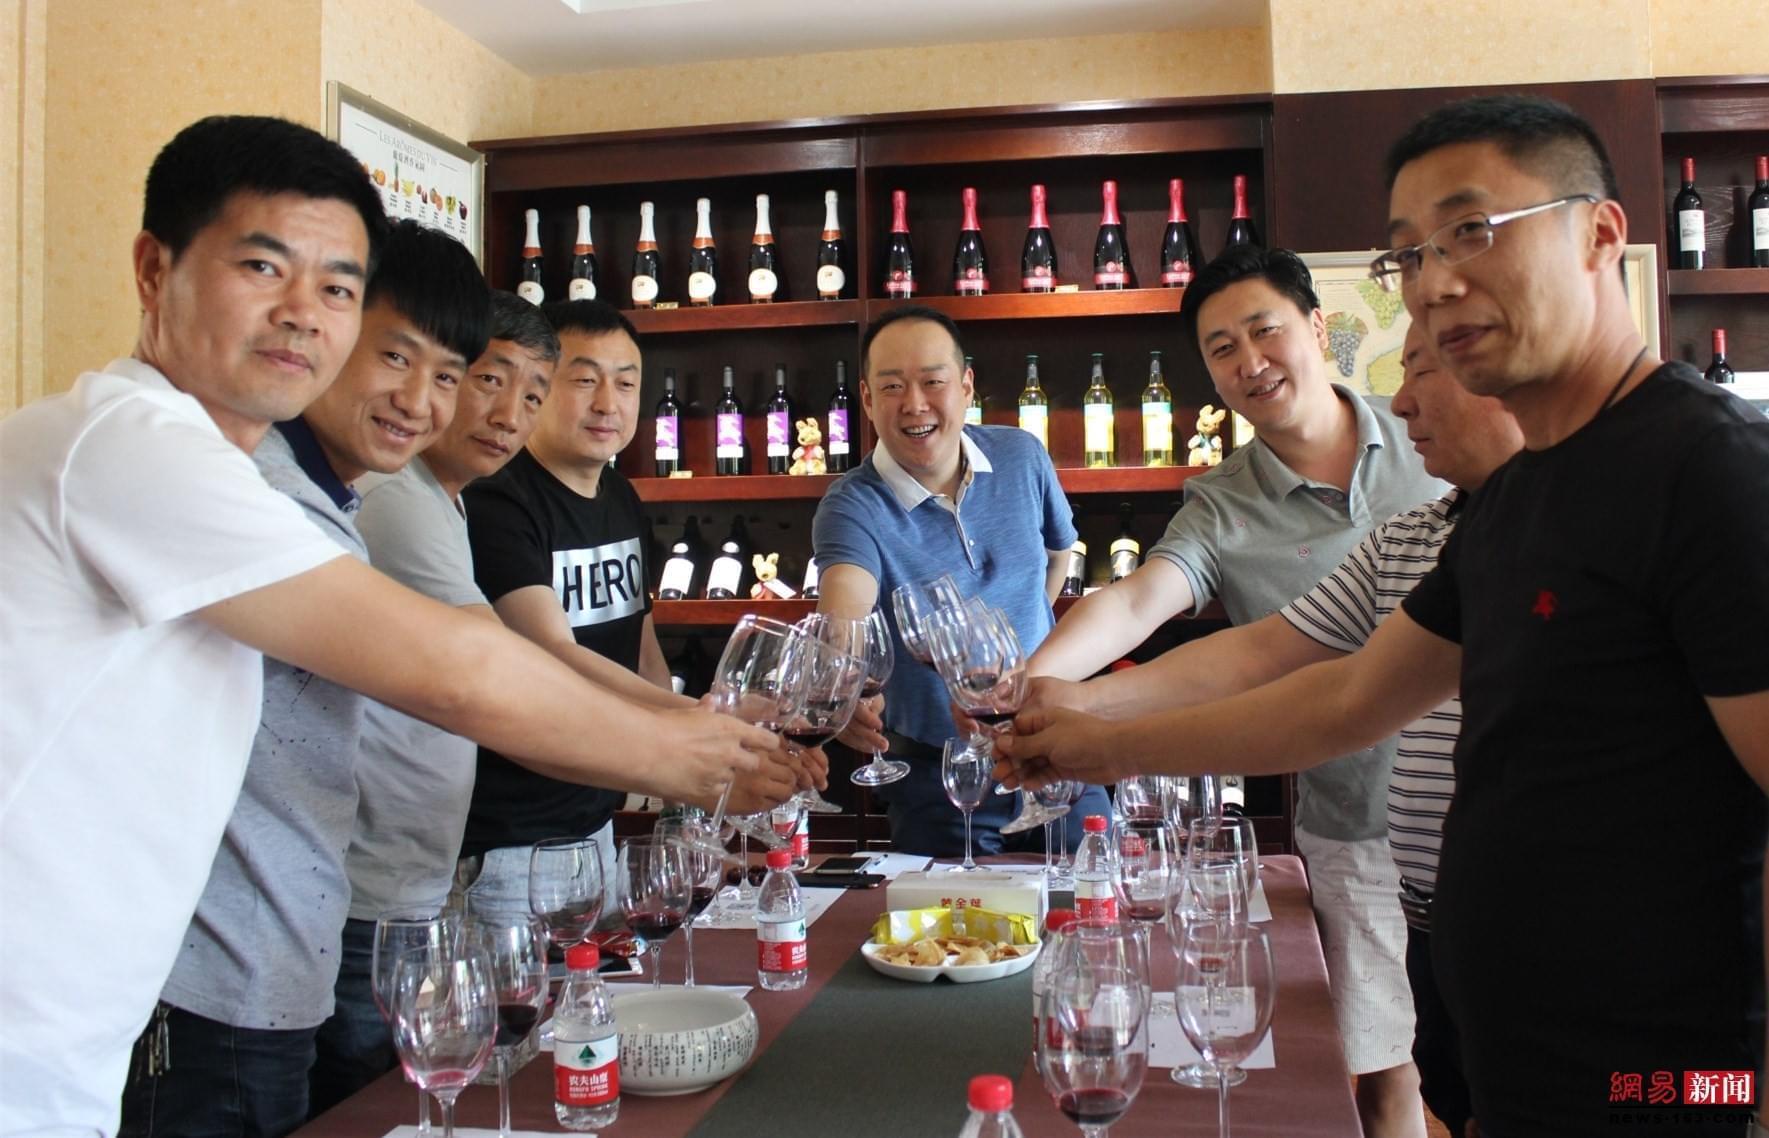 河南省首位葡萄酒品鉴师莅临新密